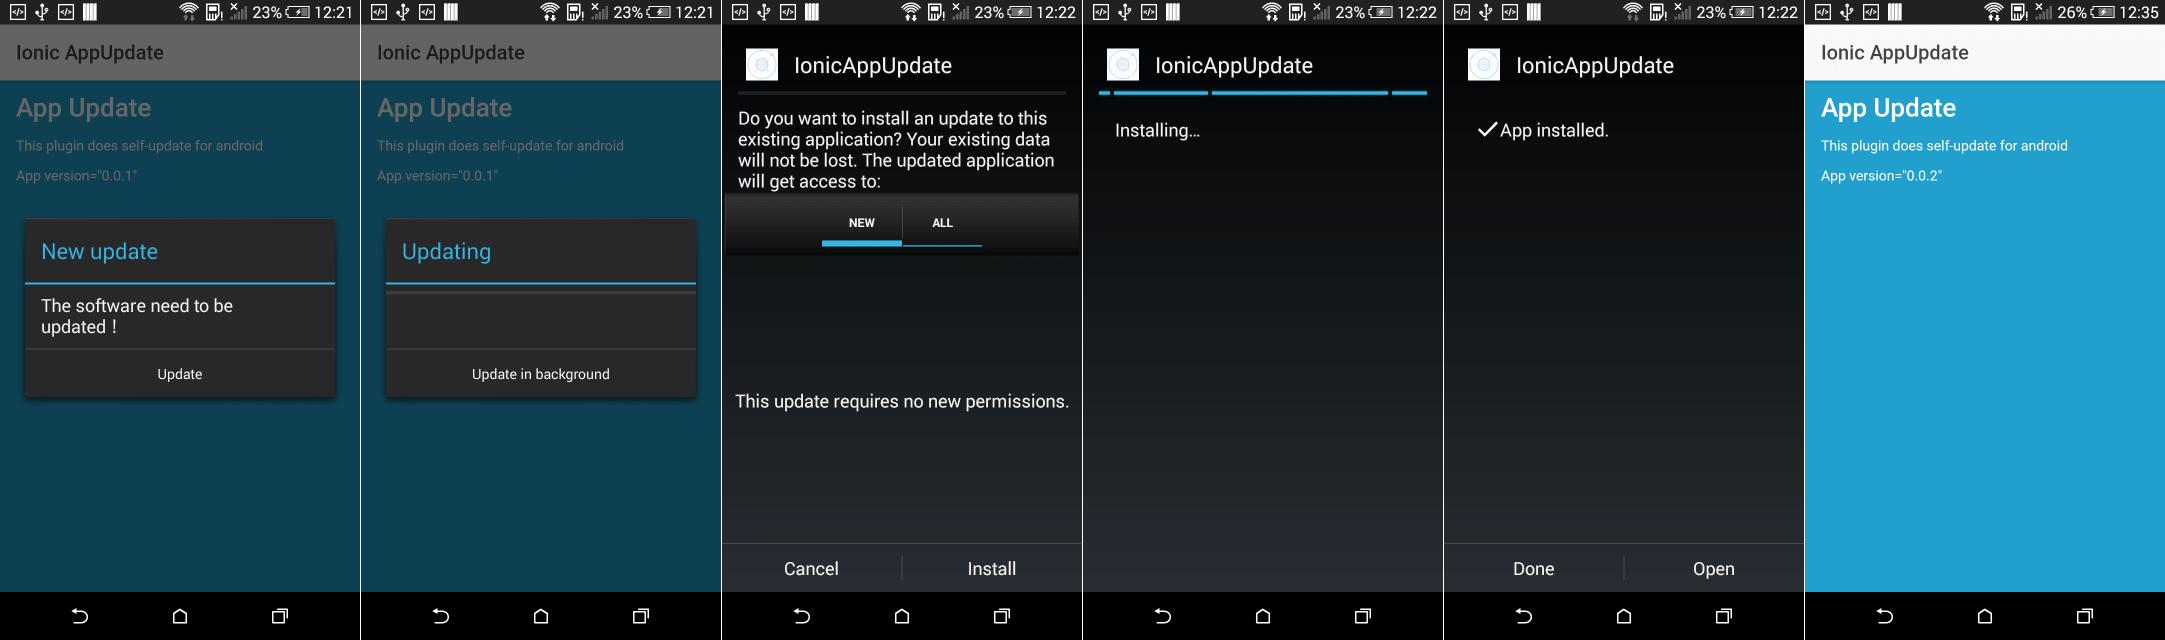 Ažuriranje Ionic Android aplikacije